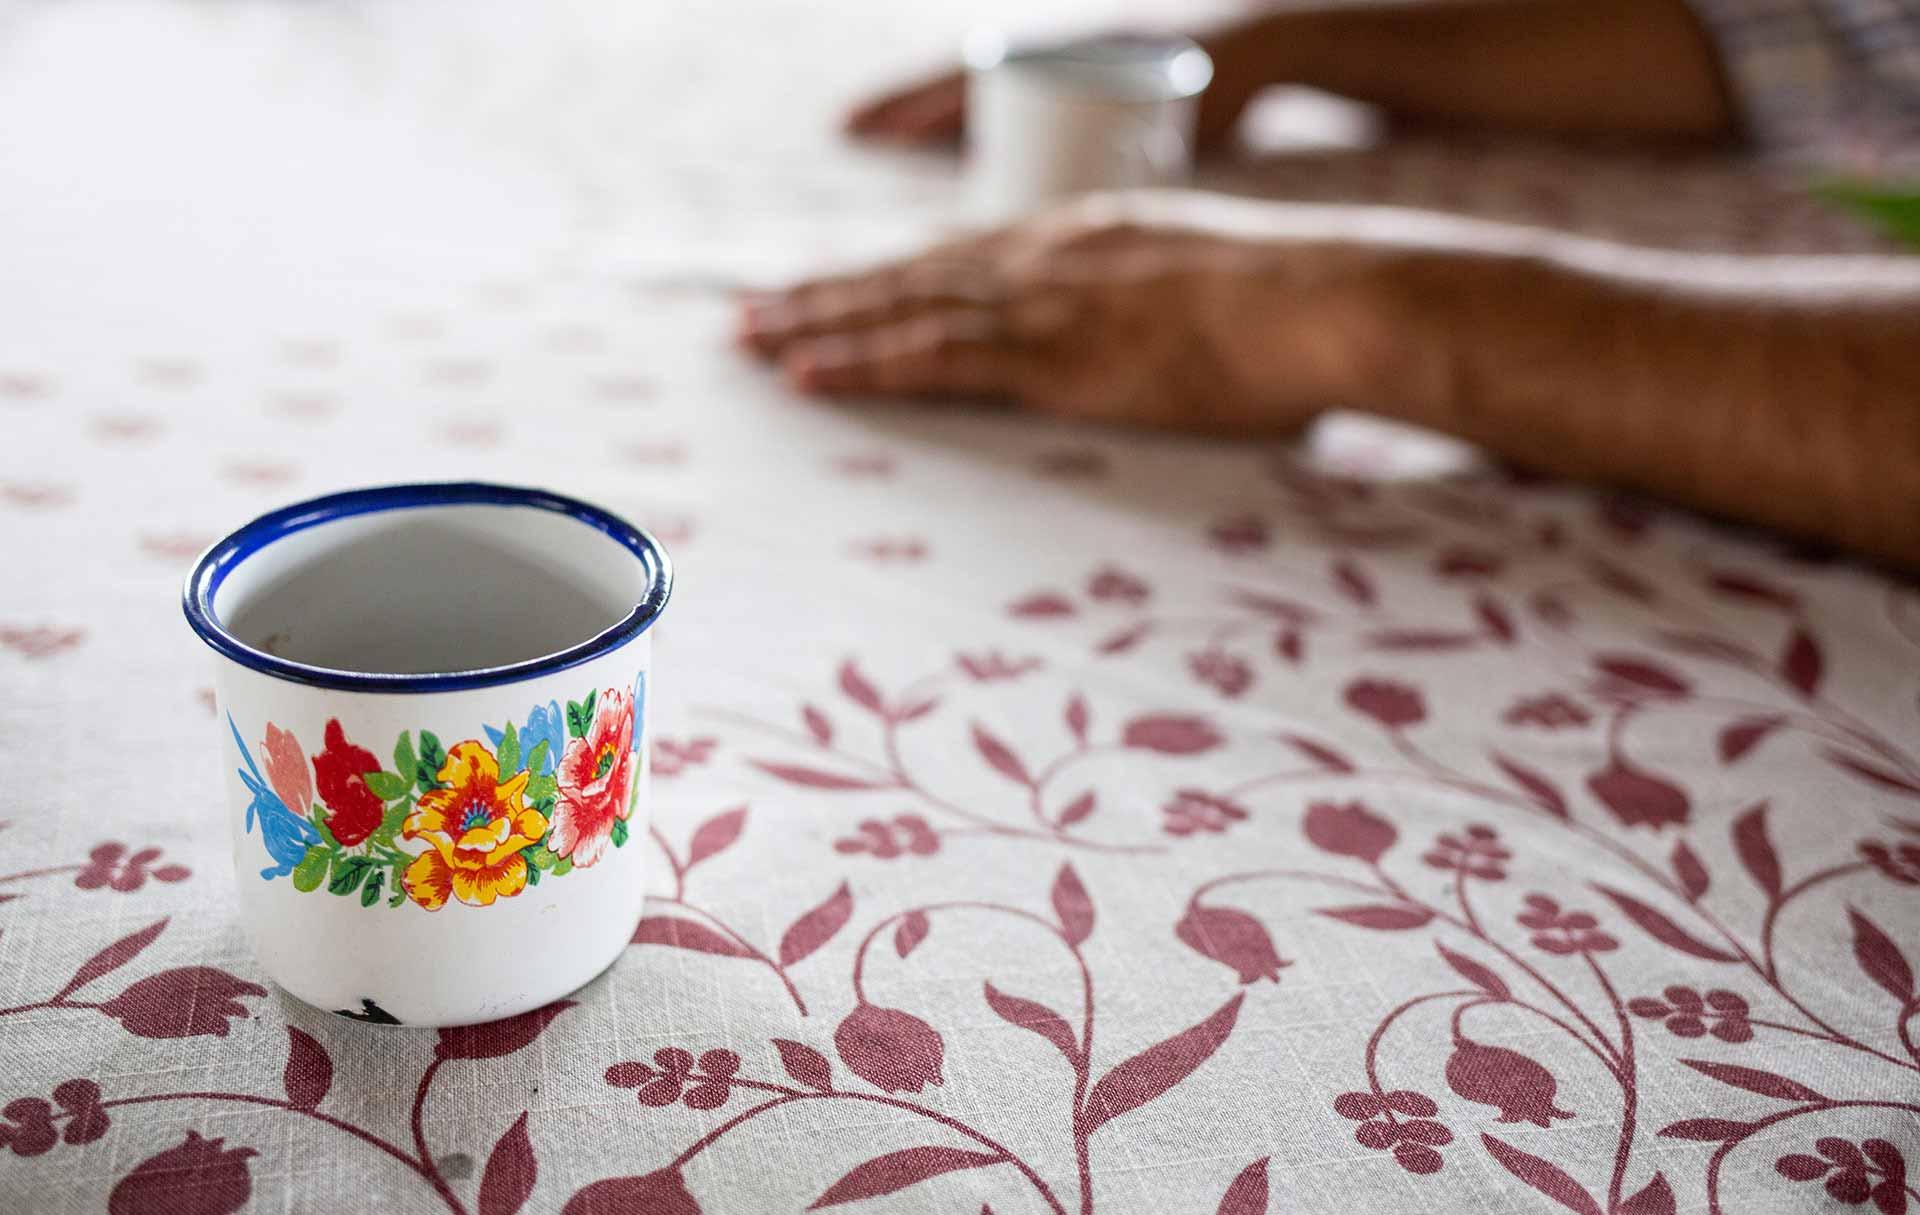 Emaille Tassen: Nostalgie und Moderne. CafCaf.de – Kaffee & Blog, Kaffeeblog